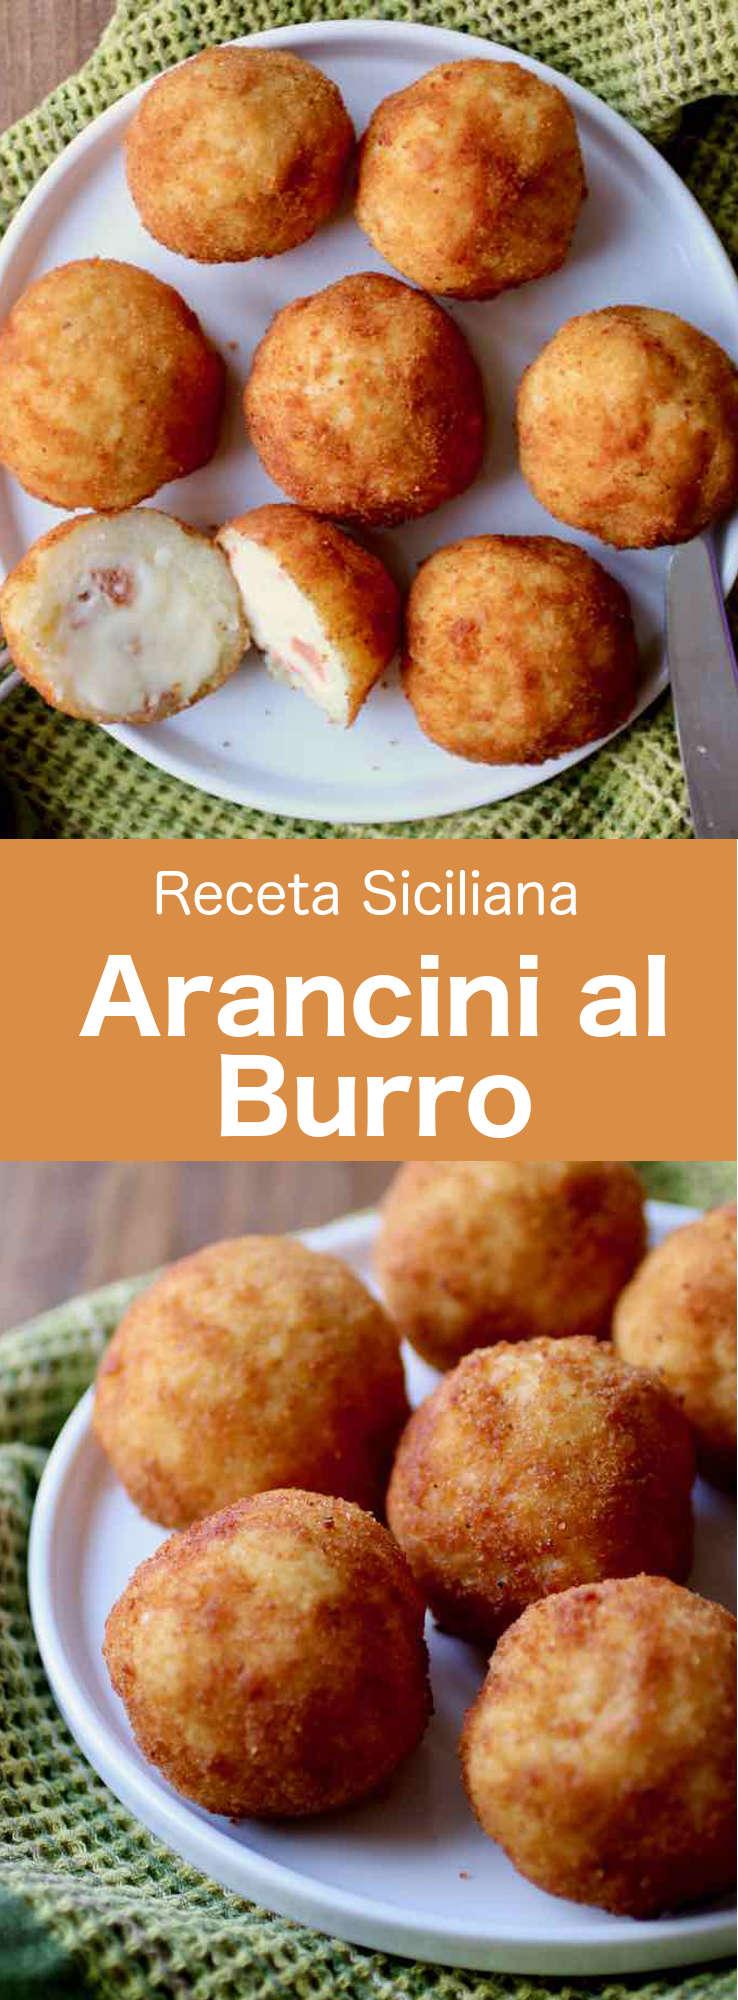 Los arancini al burro son bolas de arroz sicilianas, rellenas con jamón y queso, que están recubiertas con una masa crujiente y ligera, que luego se fríe.